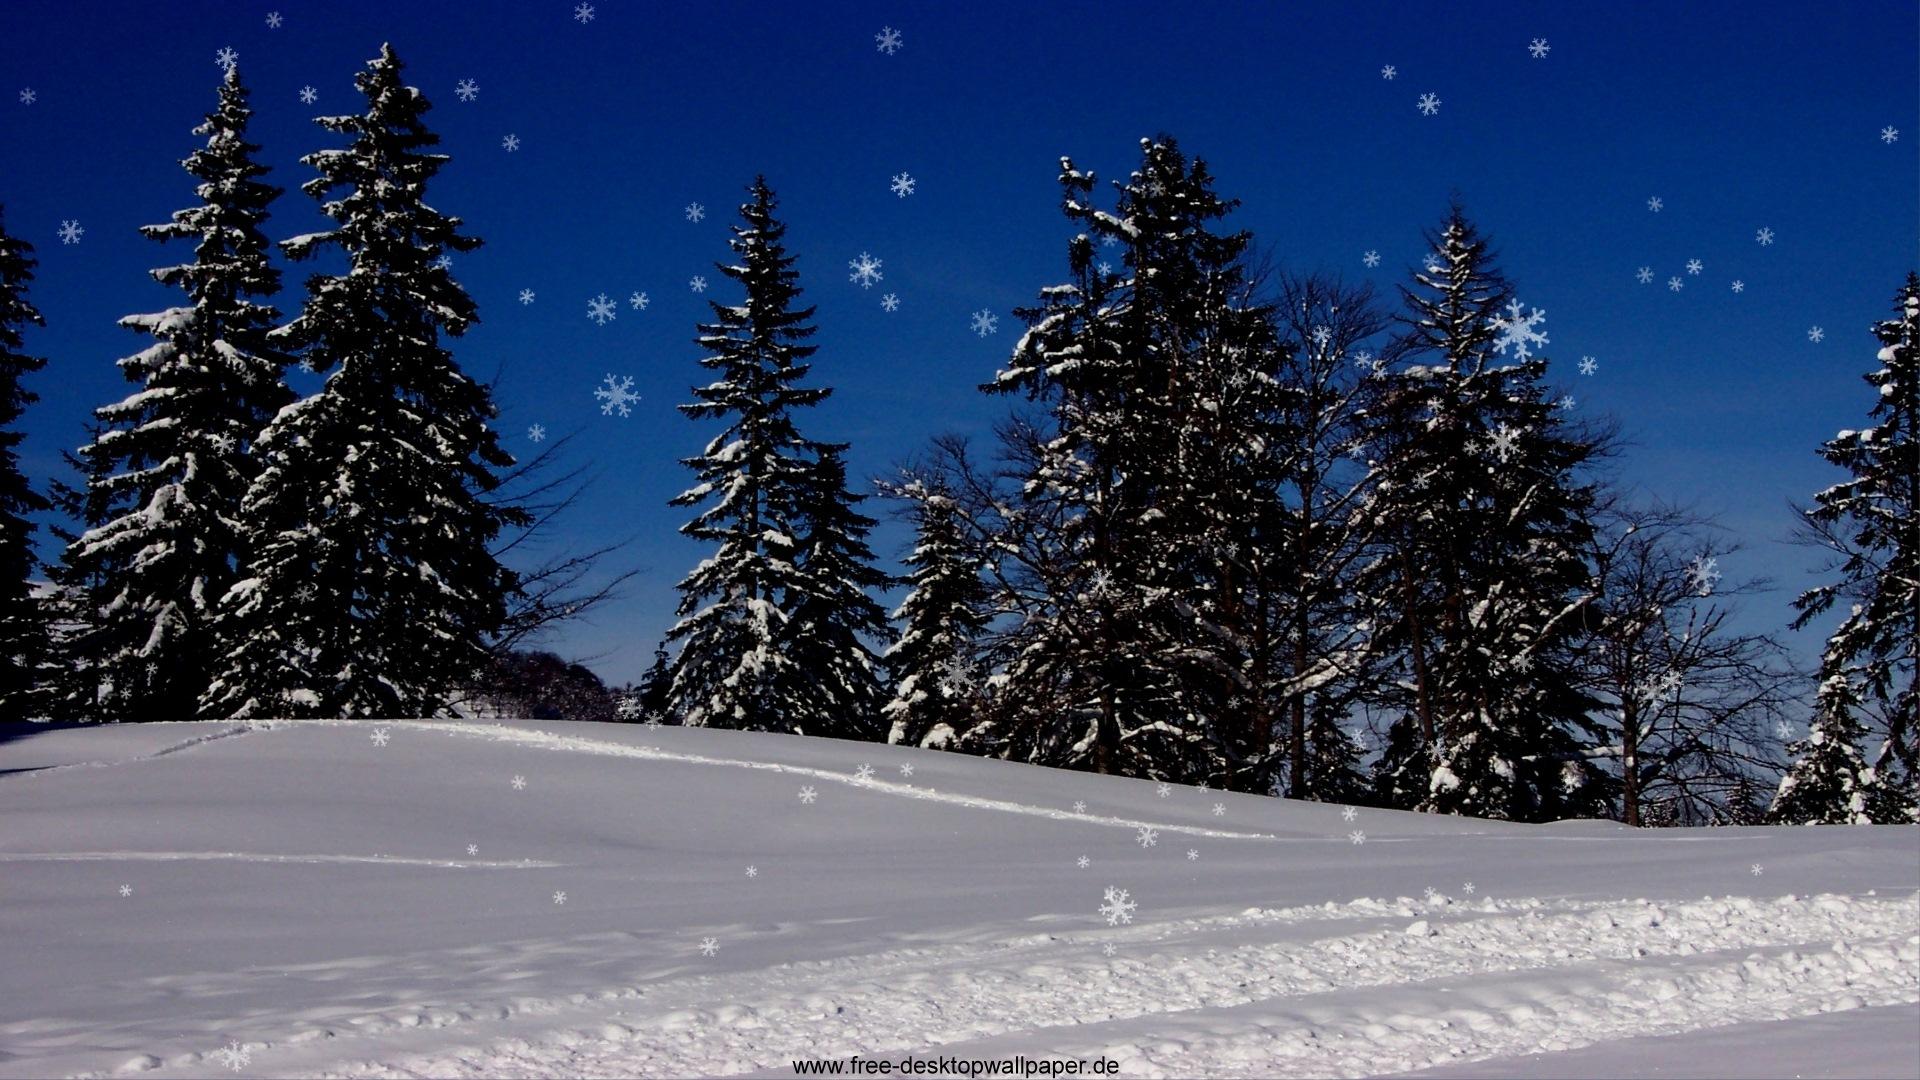 christmas snowfall wallpaper at - photo #41